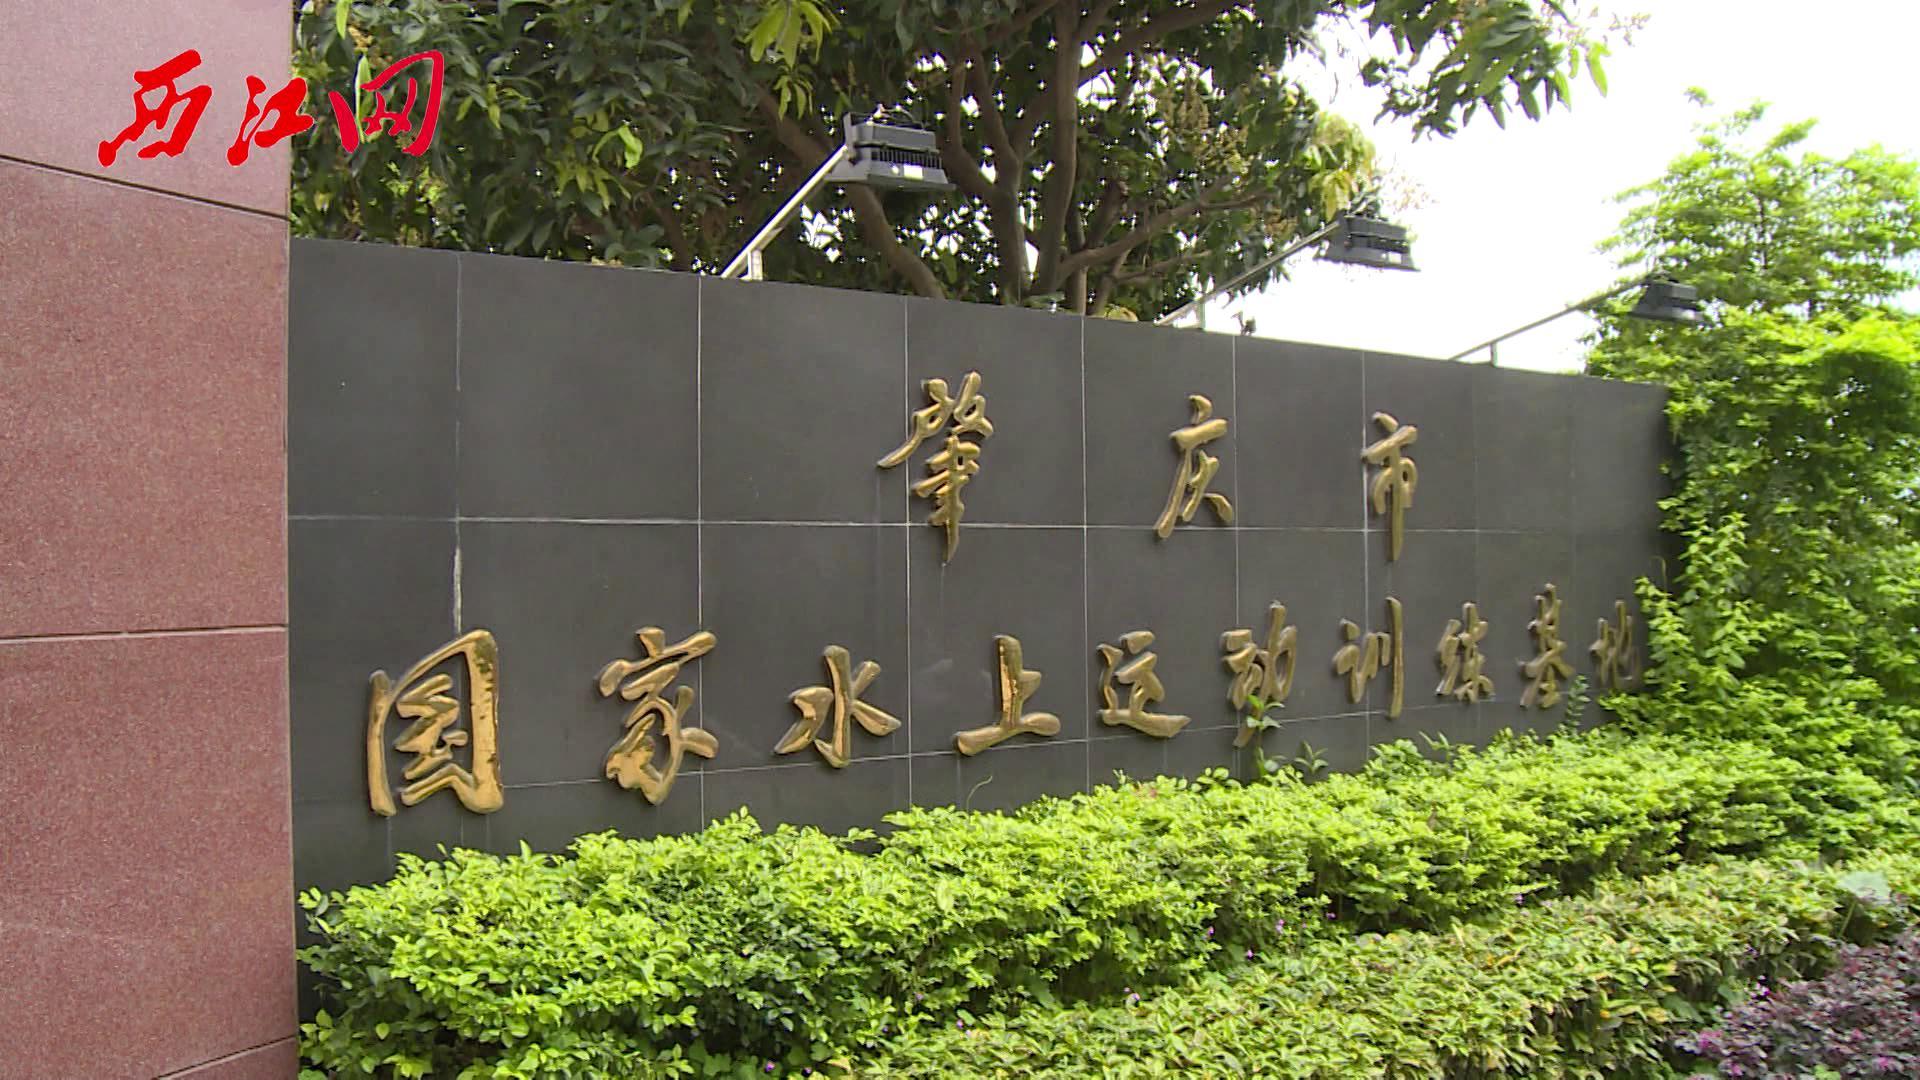 肇庆市赛艇队:每个运动员心中都有一个冠军梦